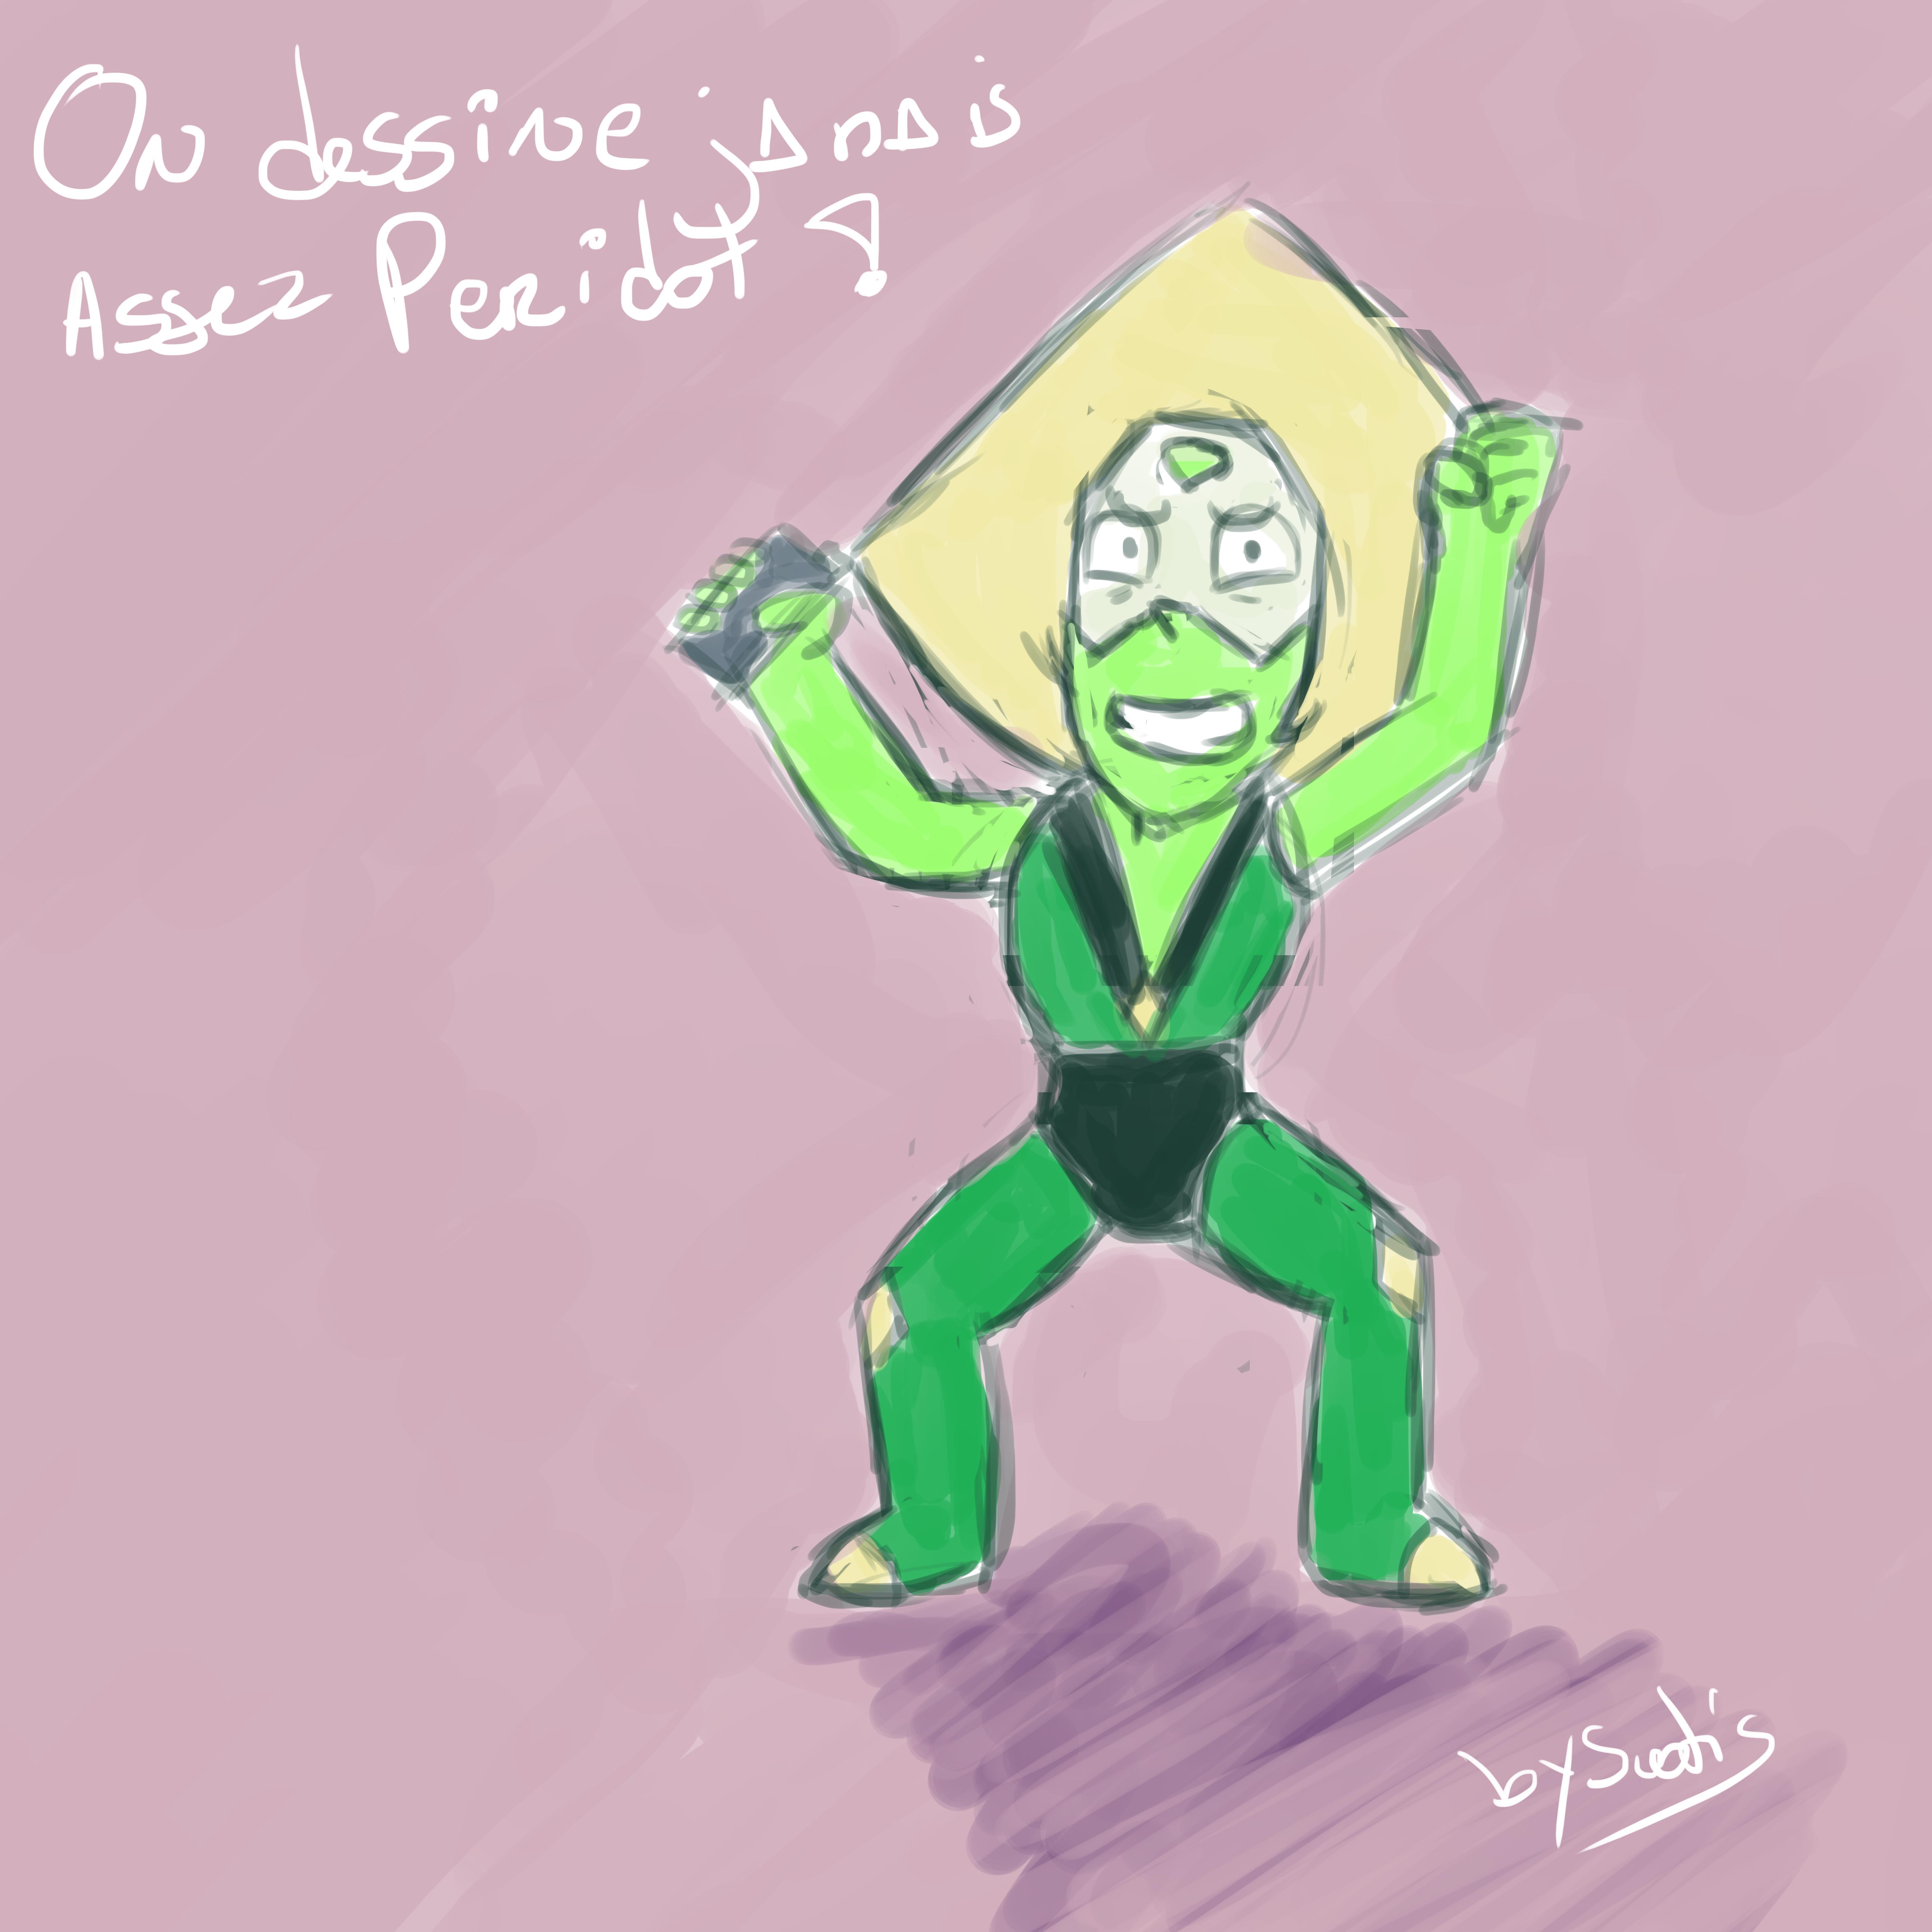 Dessin fan-art de Peridot, personnage de Steven Universe